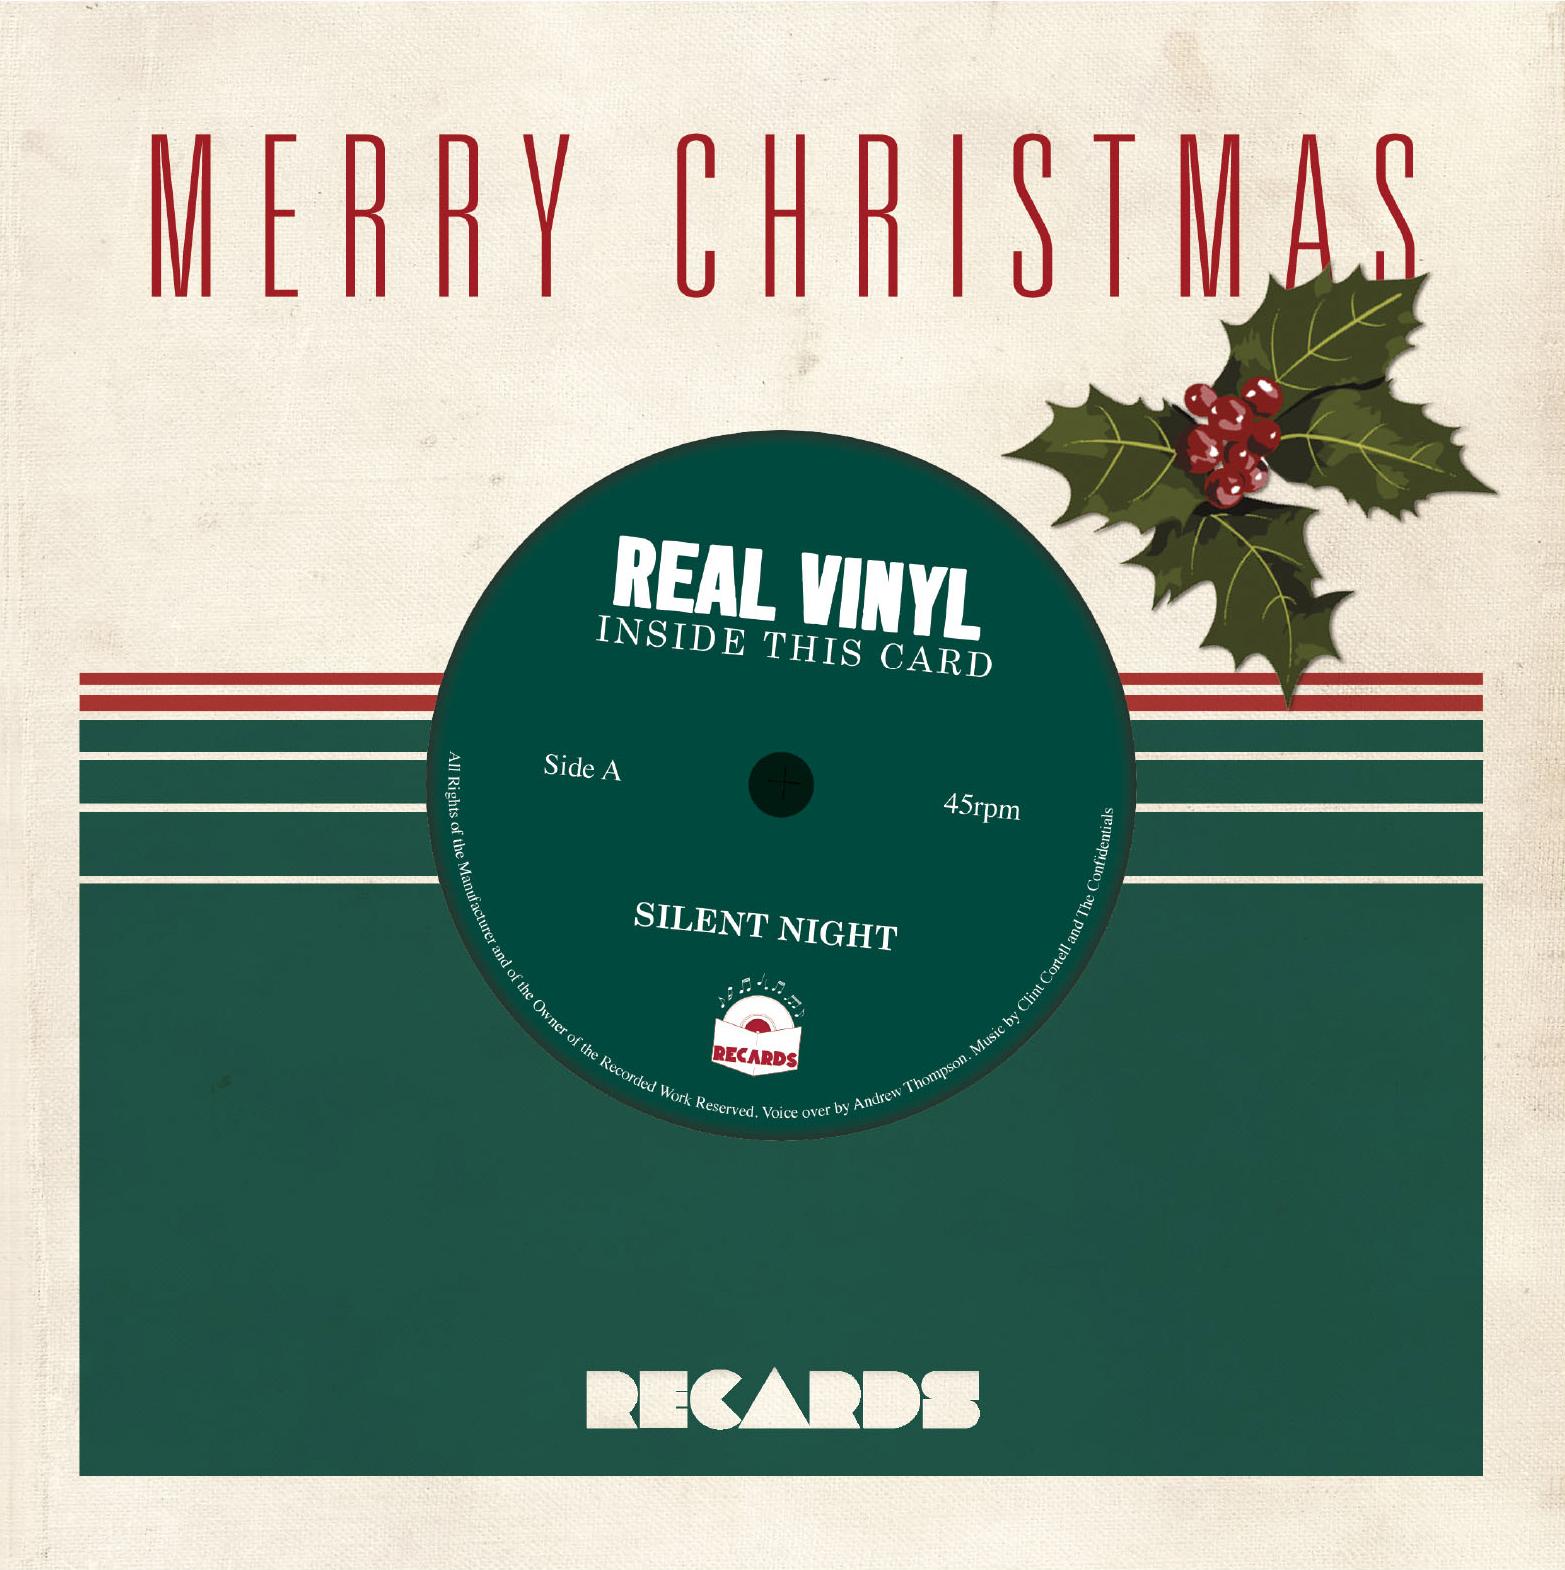 Recard - Christmas Card